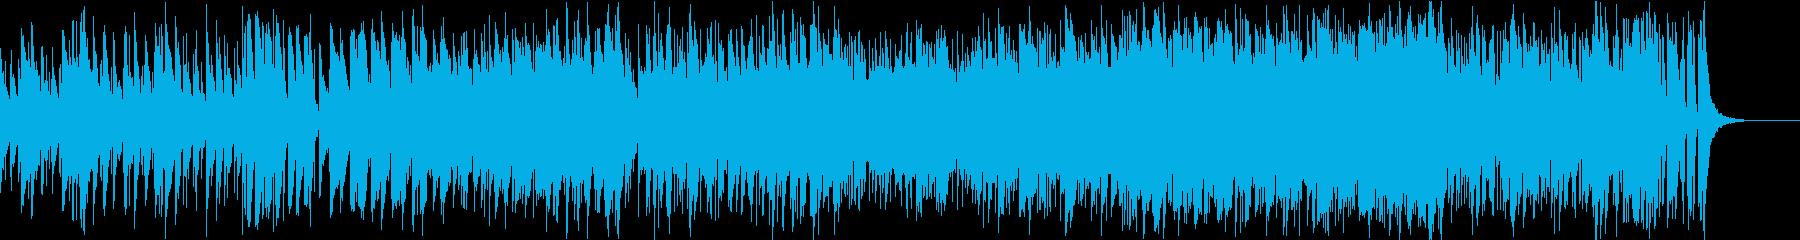 ボサノヴァ(ボサノバ)フルート v01の再生済みの波形